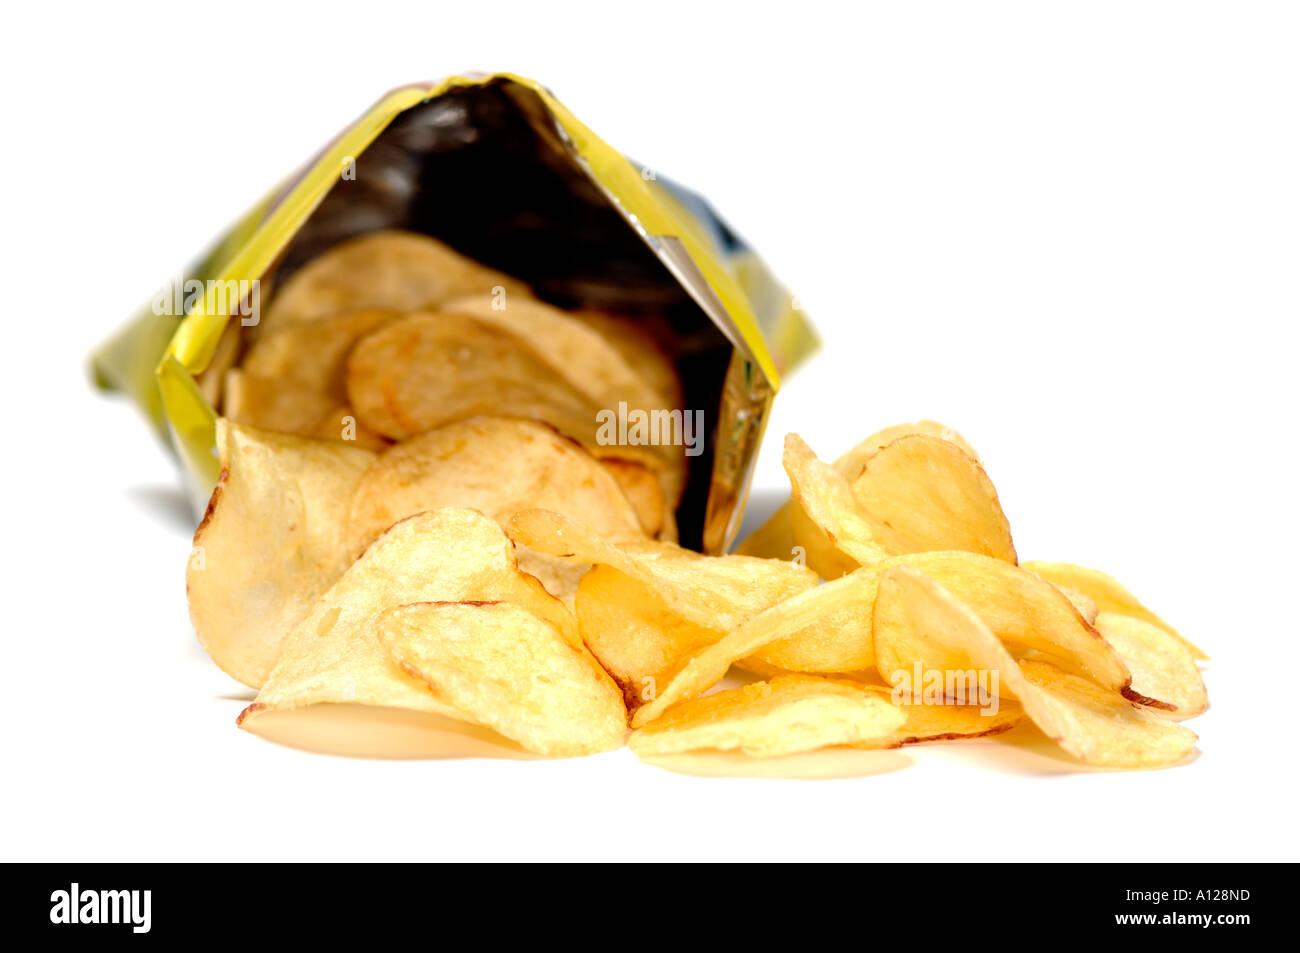 Abra la bolsa de patatas fritas Imagen De Stock